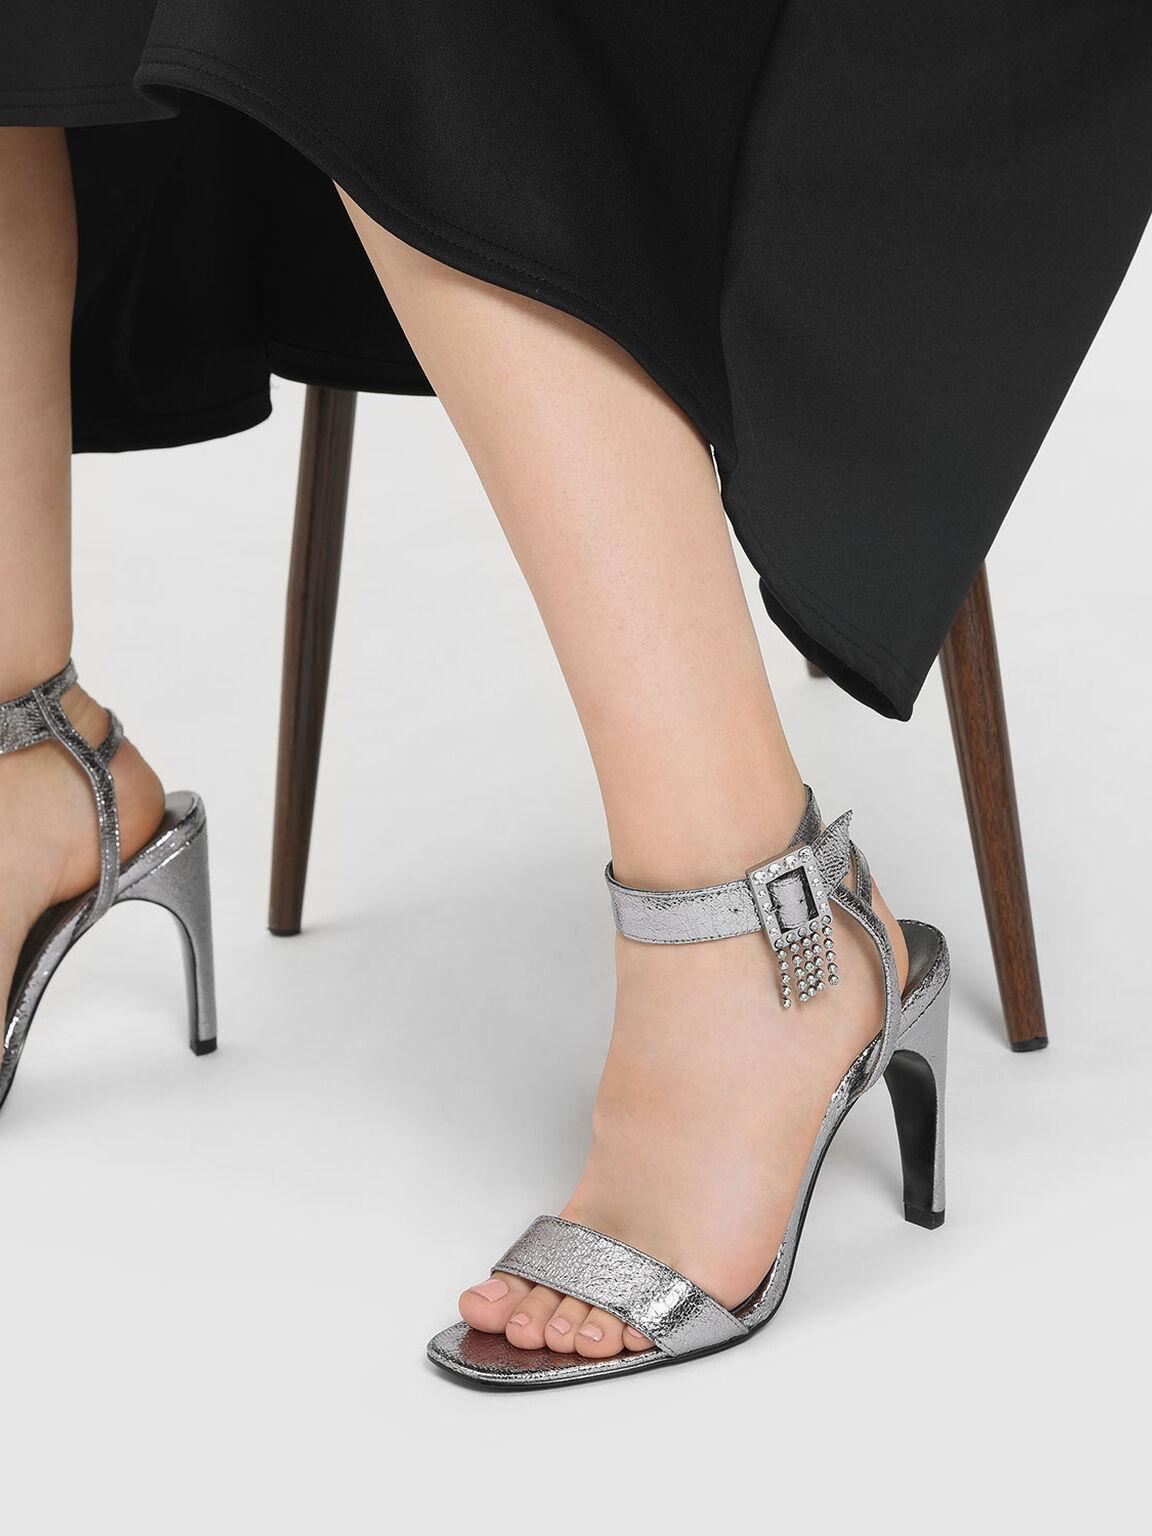 Embellished Buckle Metallic Heeled Sandals, Pewter, hi-res